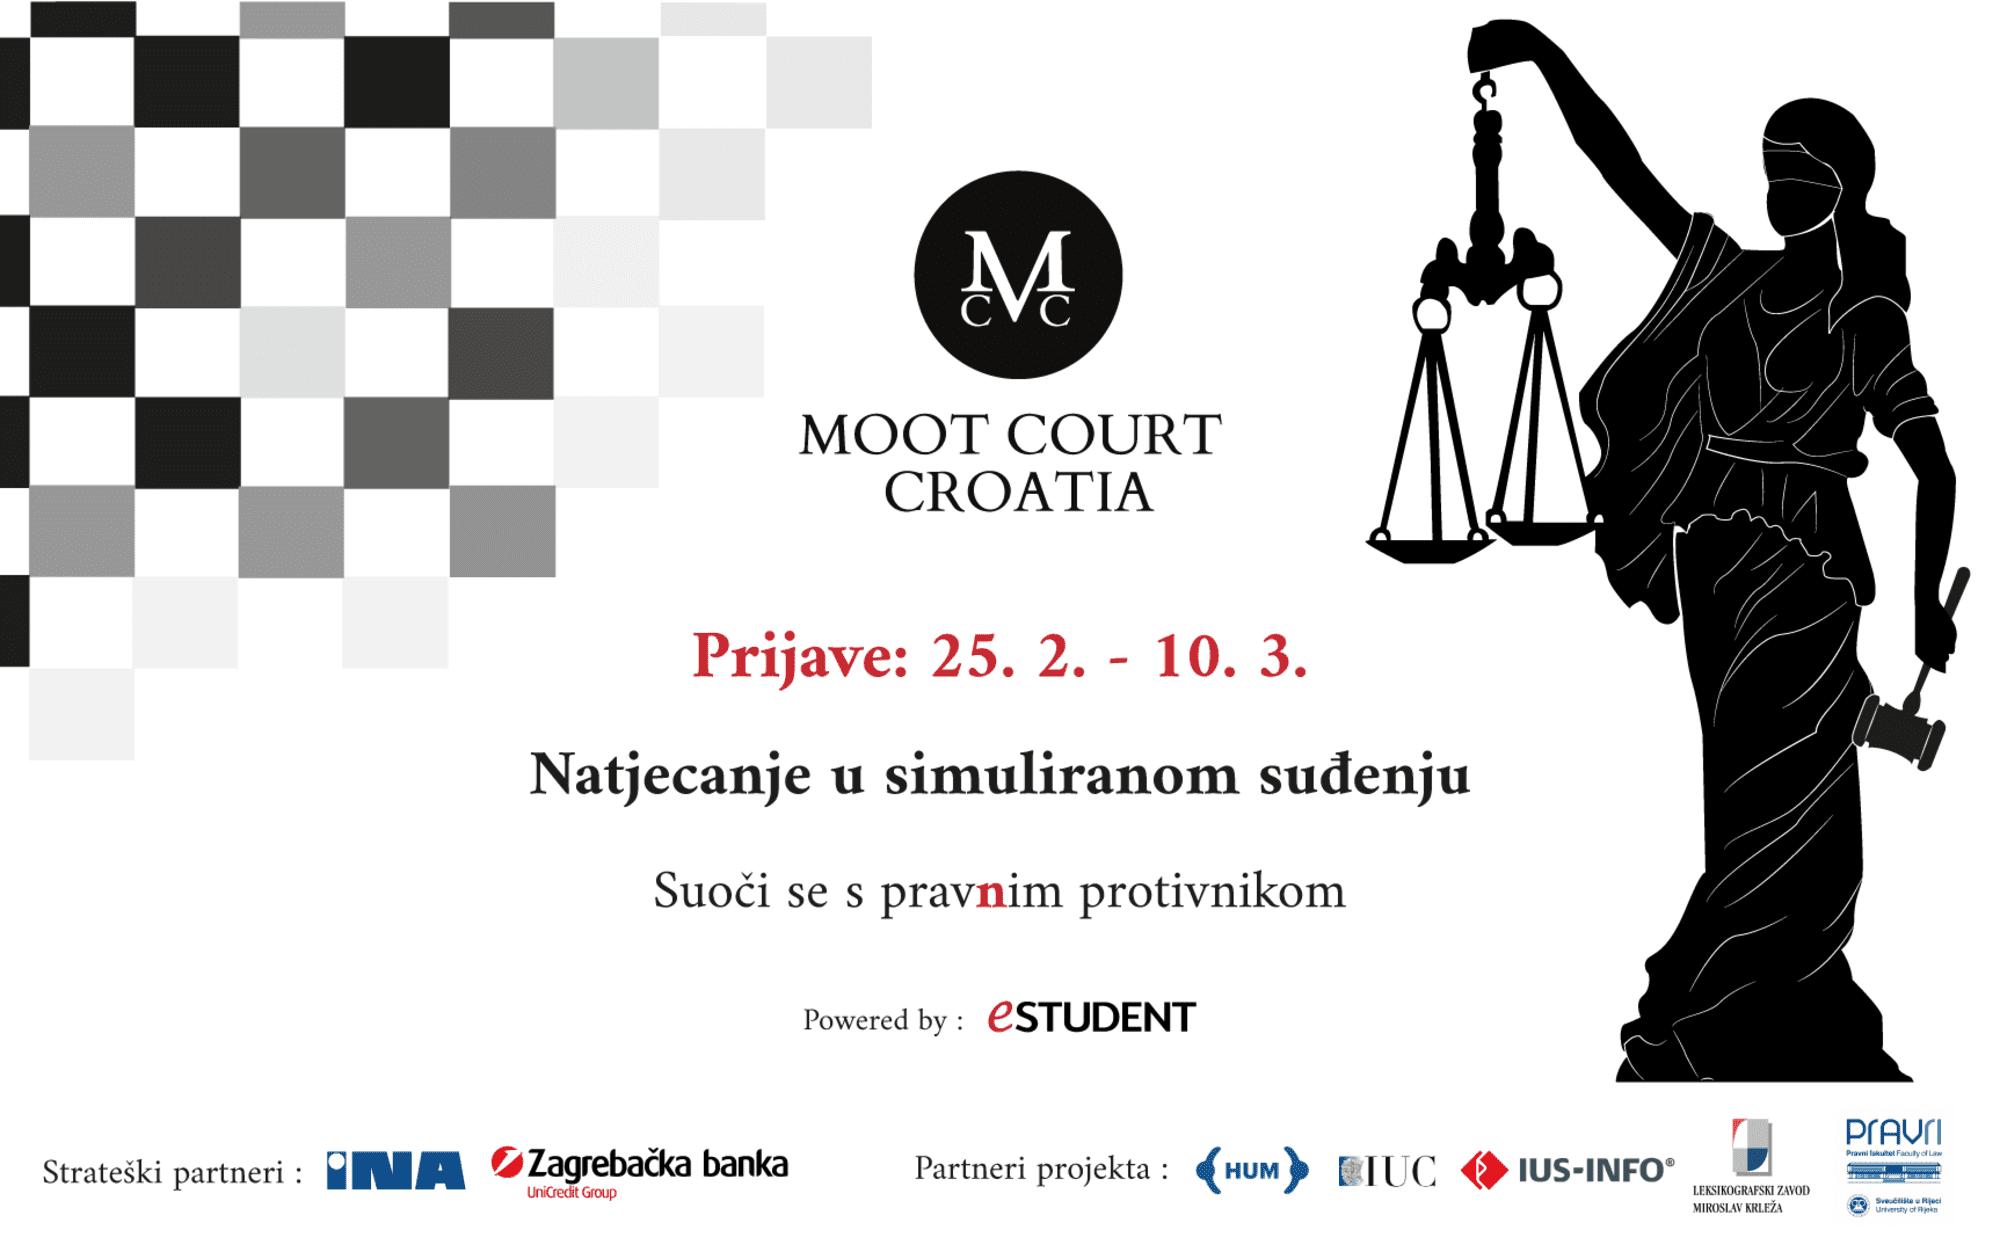 Svečano otvorenje Moot Court Croatia – predstavljen je ovogodišnji hipotetski slučaj!